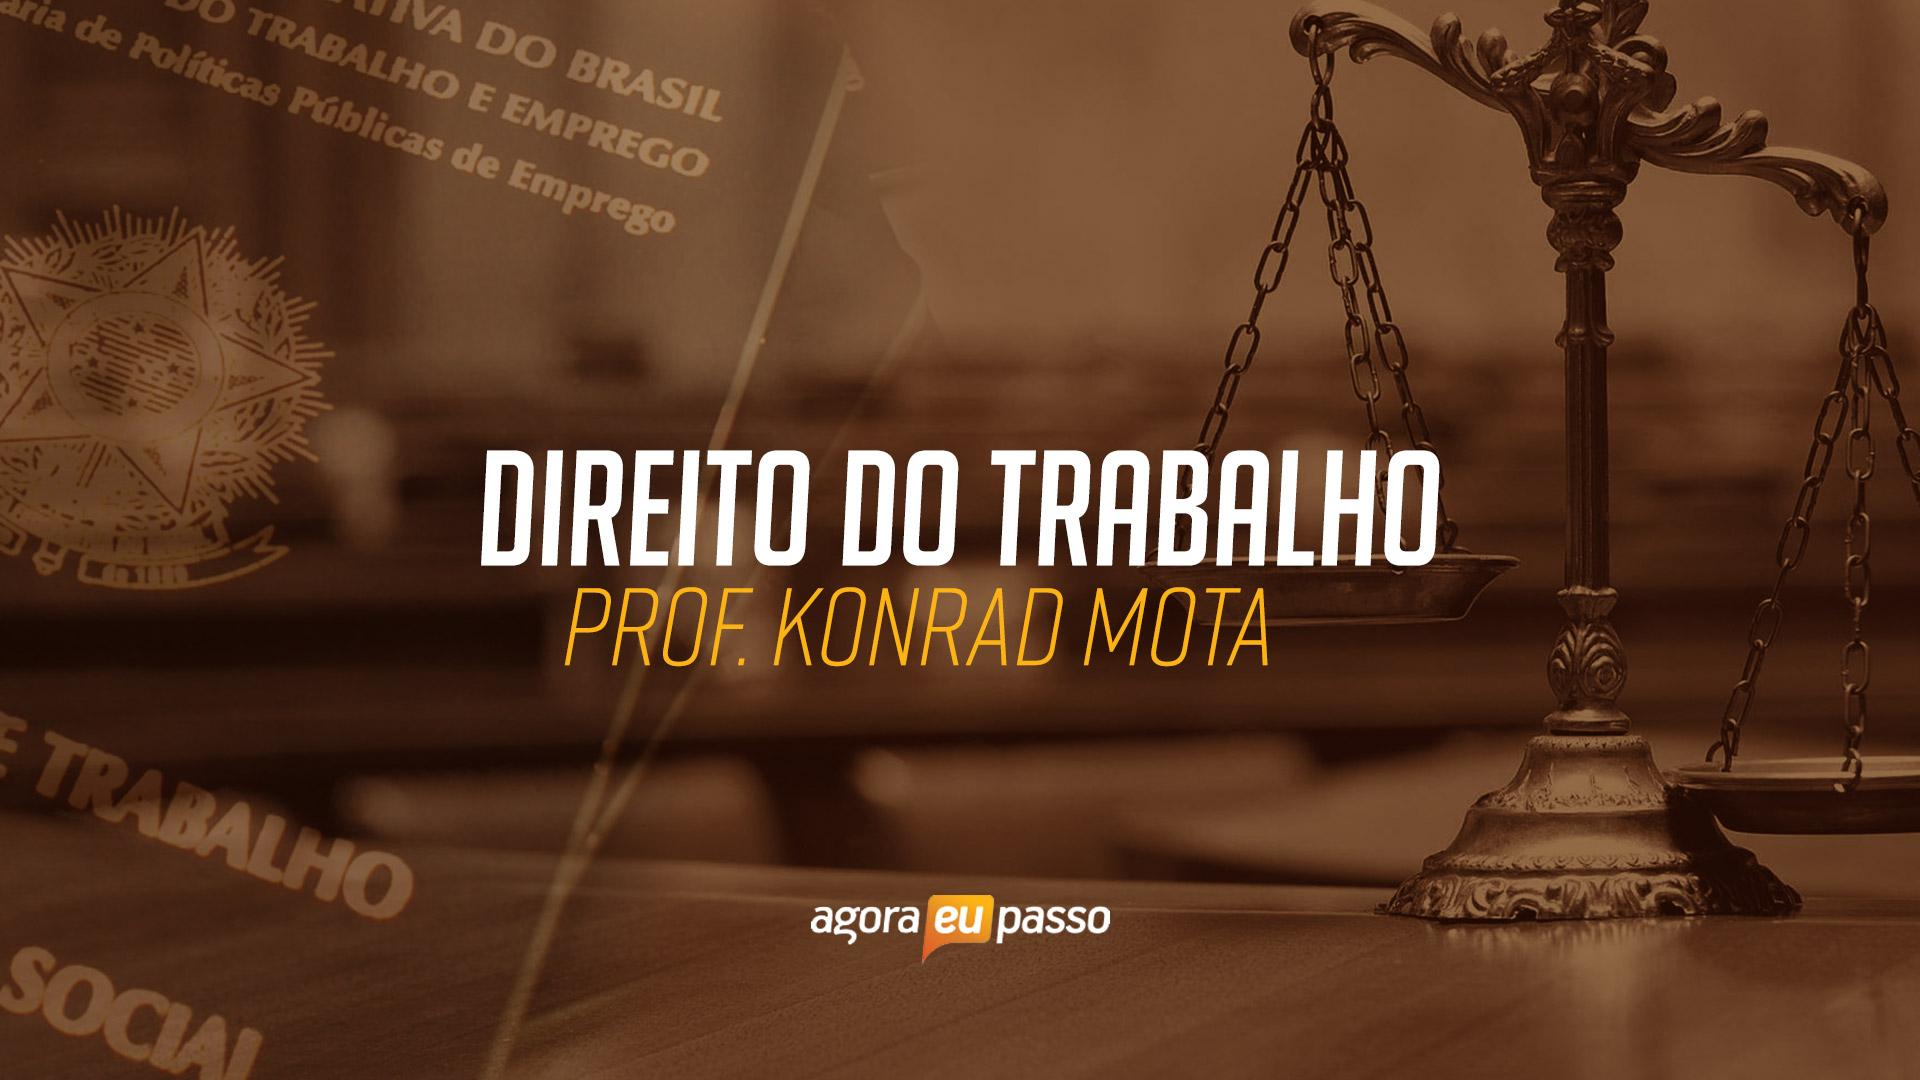 Direito do Trabalho - Konrad Mota